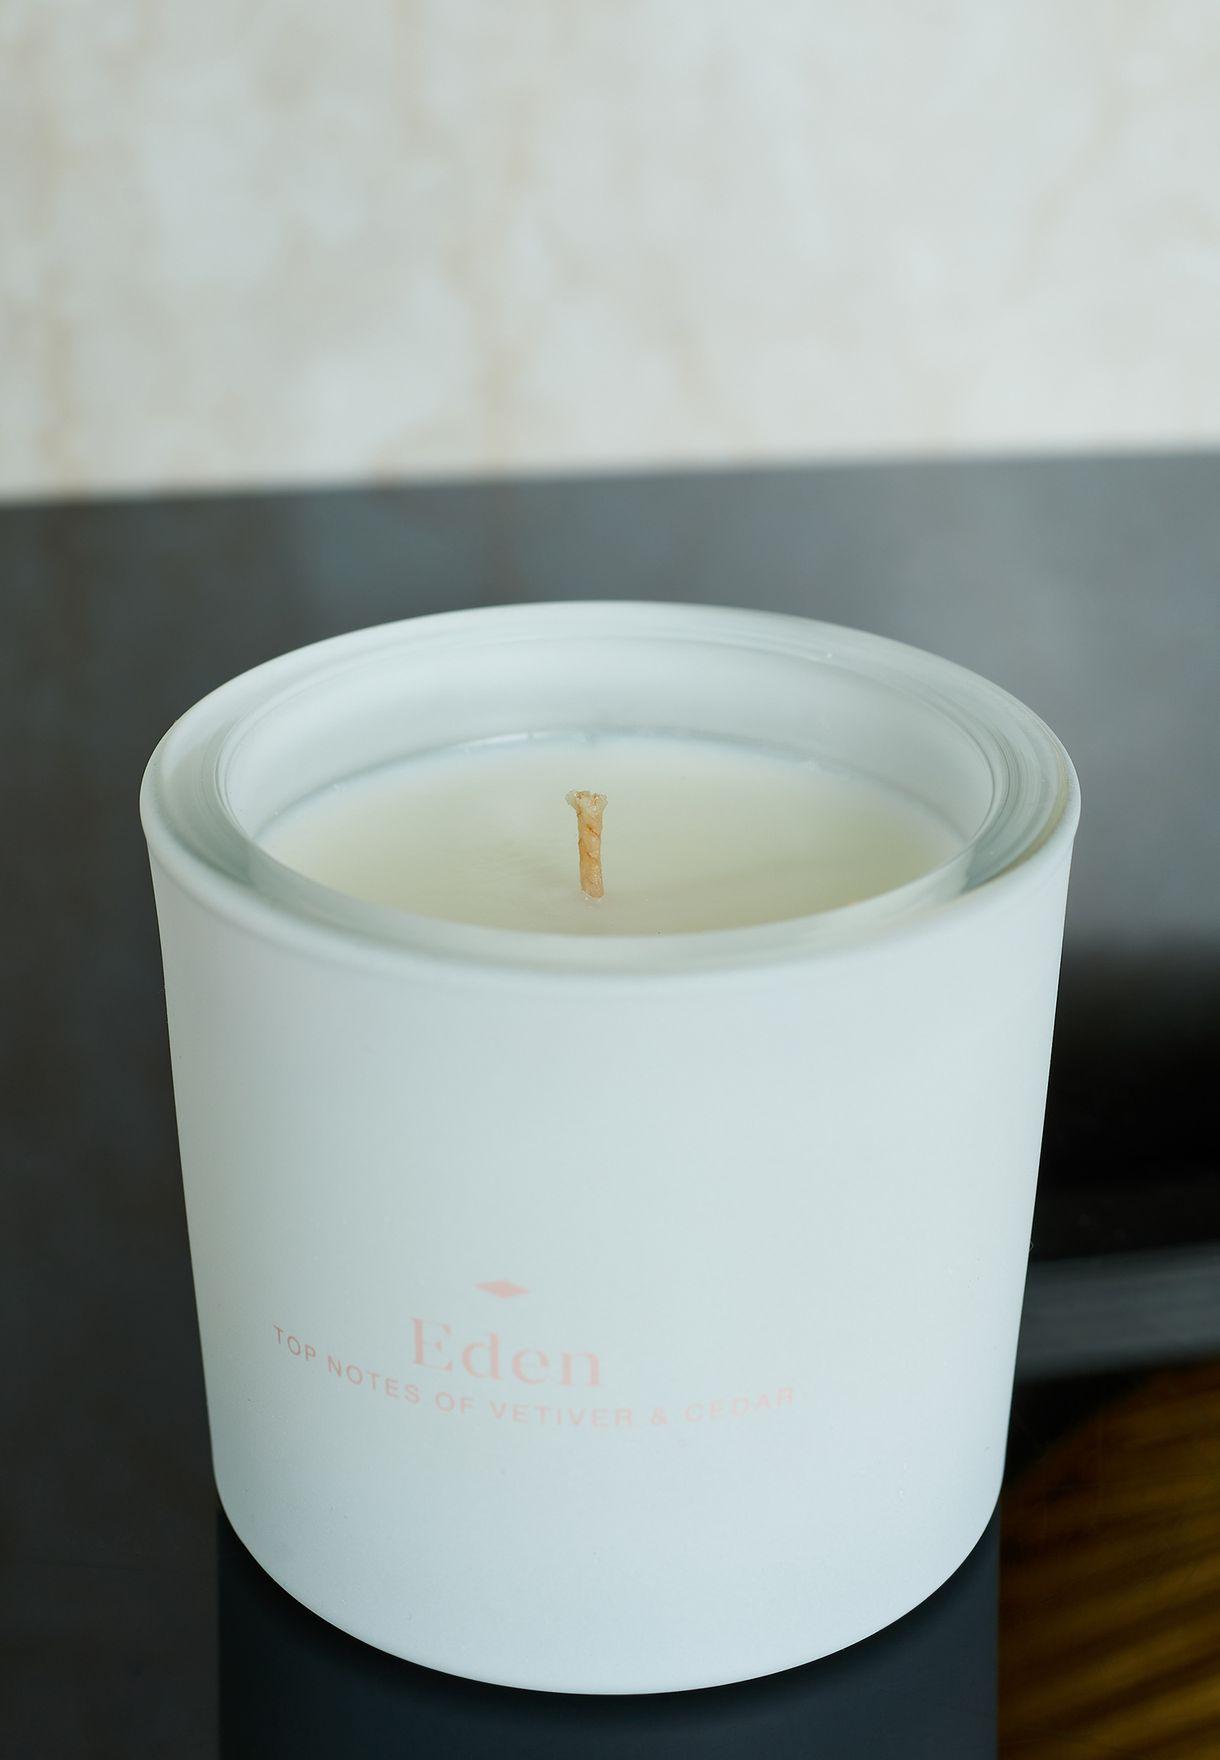 شمعة عطرية نجيل الهند وخشب الارز 200 مل